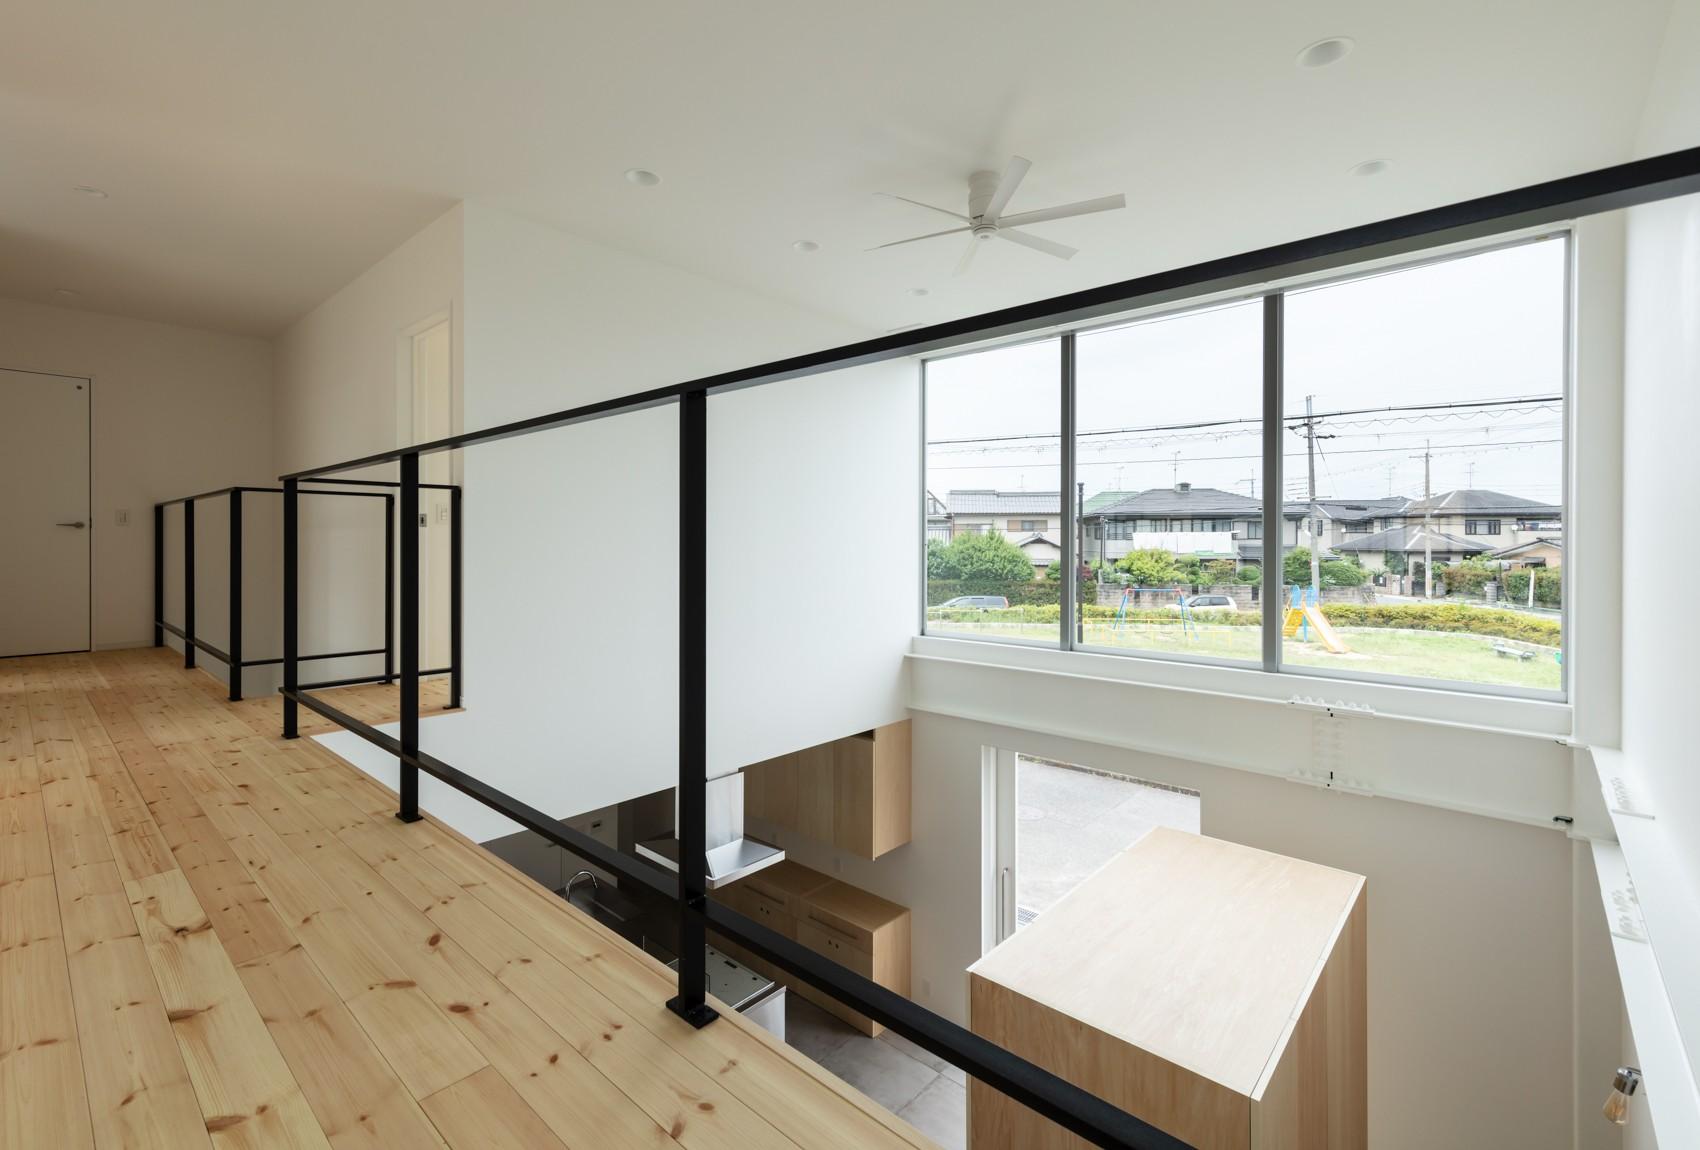 その他事例:2階 吹抜(結崎の住宅 / House in Yuzaki)